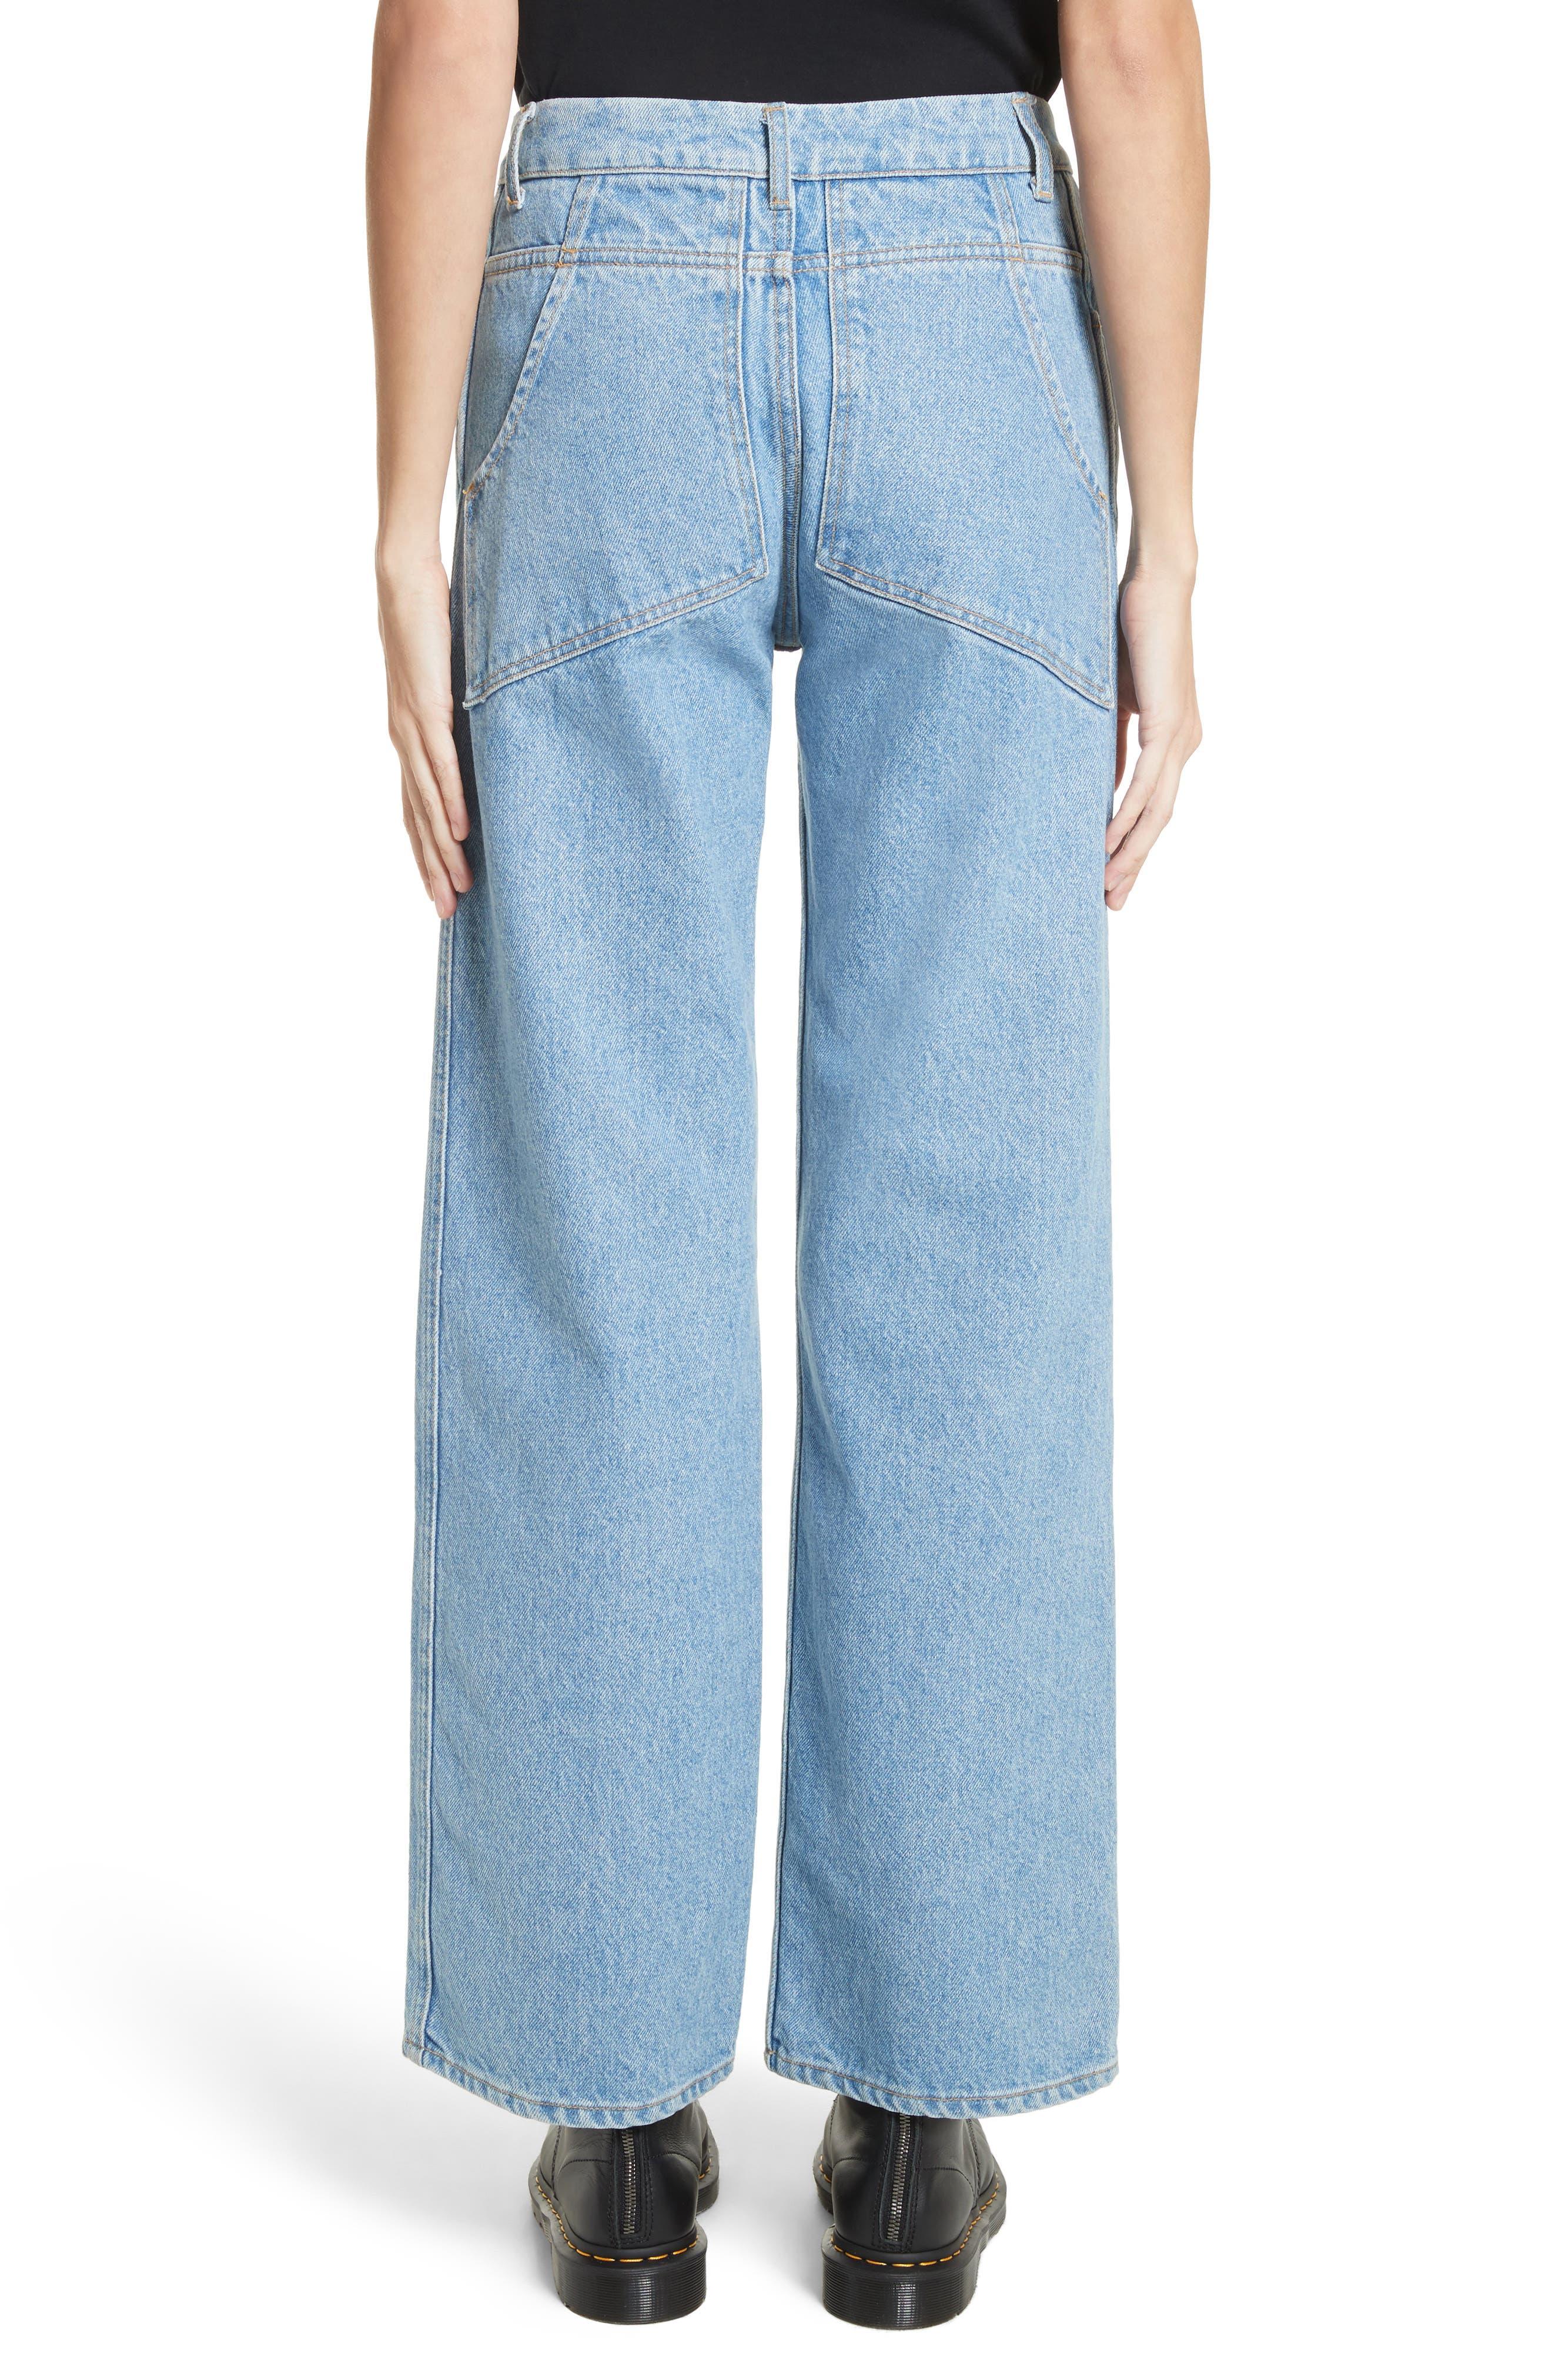 EL Wide Leg Jeans,                             Alternate thumbnail 2, color,                             400